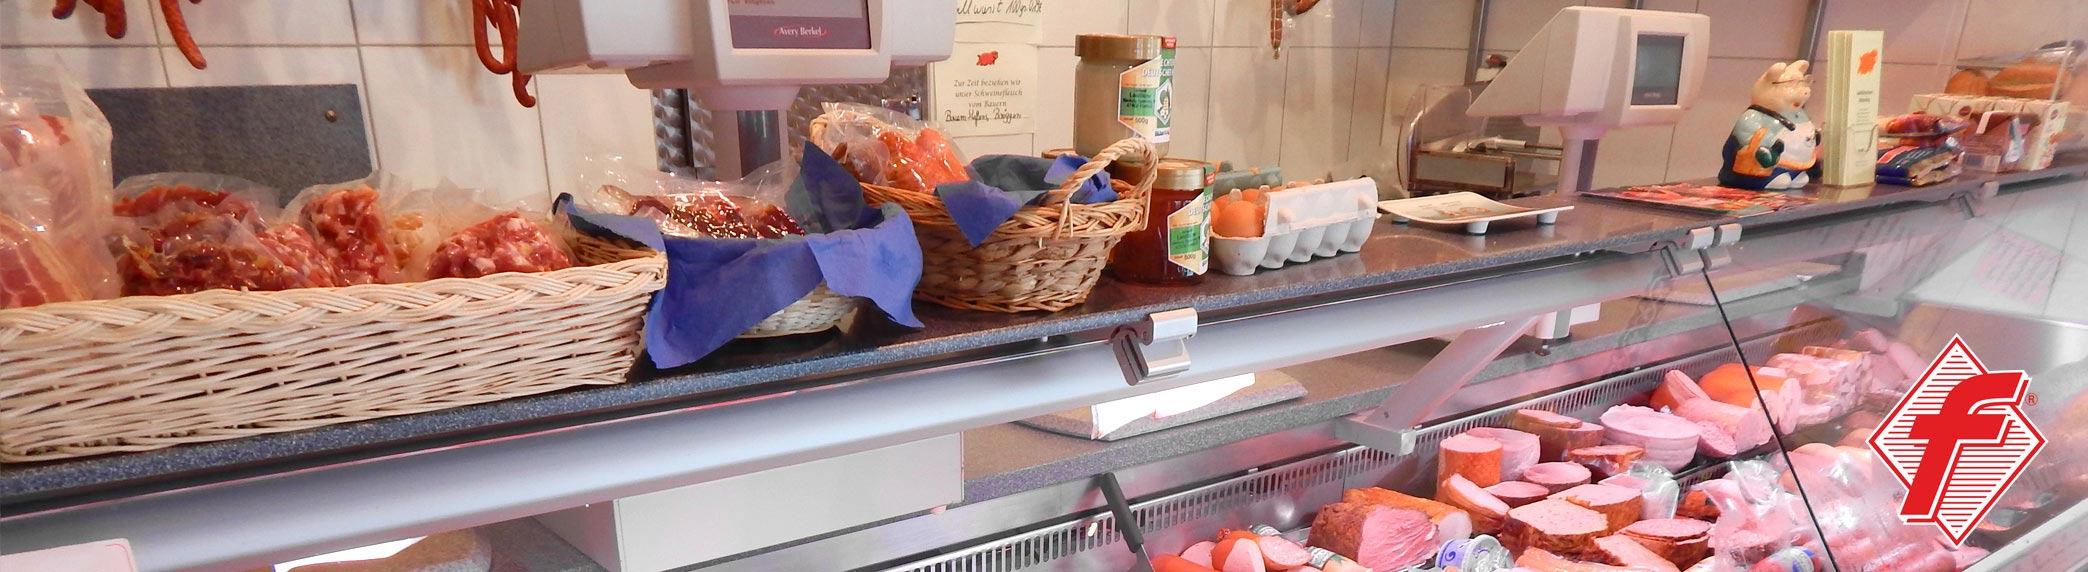 Landfleischerei Hinterding in Krefeld am Niederrhein - Deftige Spezialitäten, herzhafte Leckereien und hausgemachte Schmankerl – bei uns finden Sie die beste und frischeste Auswahl an leckeren Wurst- und Fleischsorten.